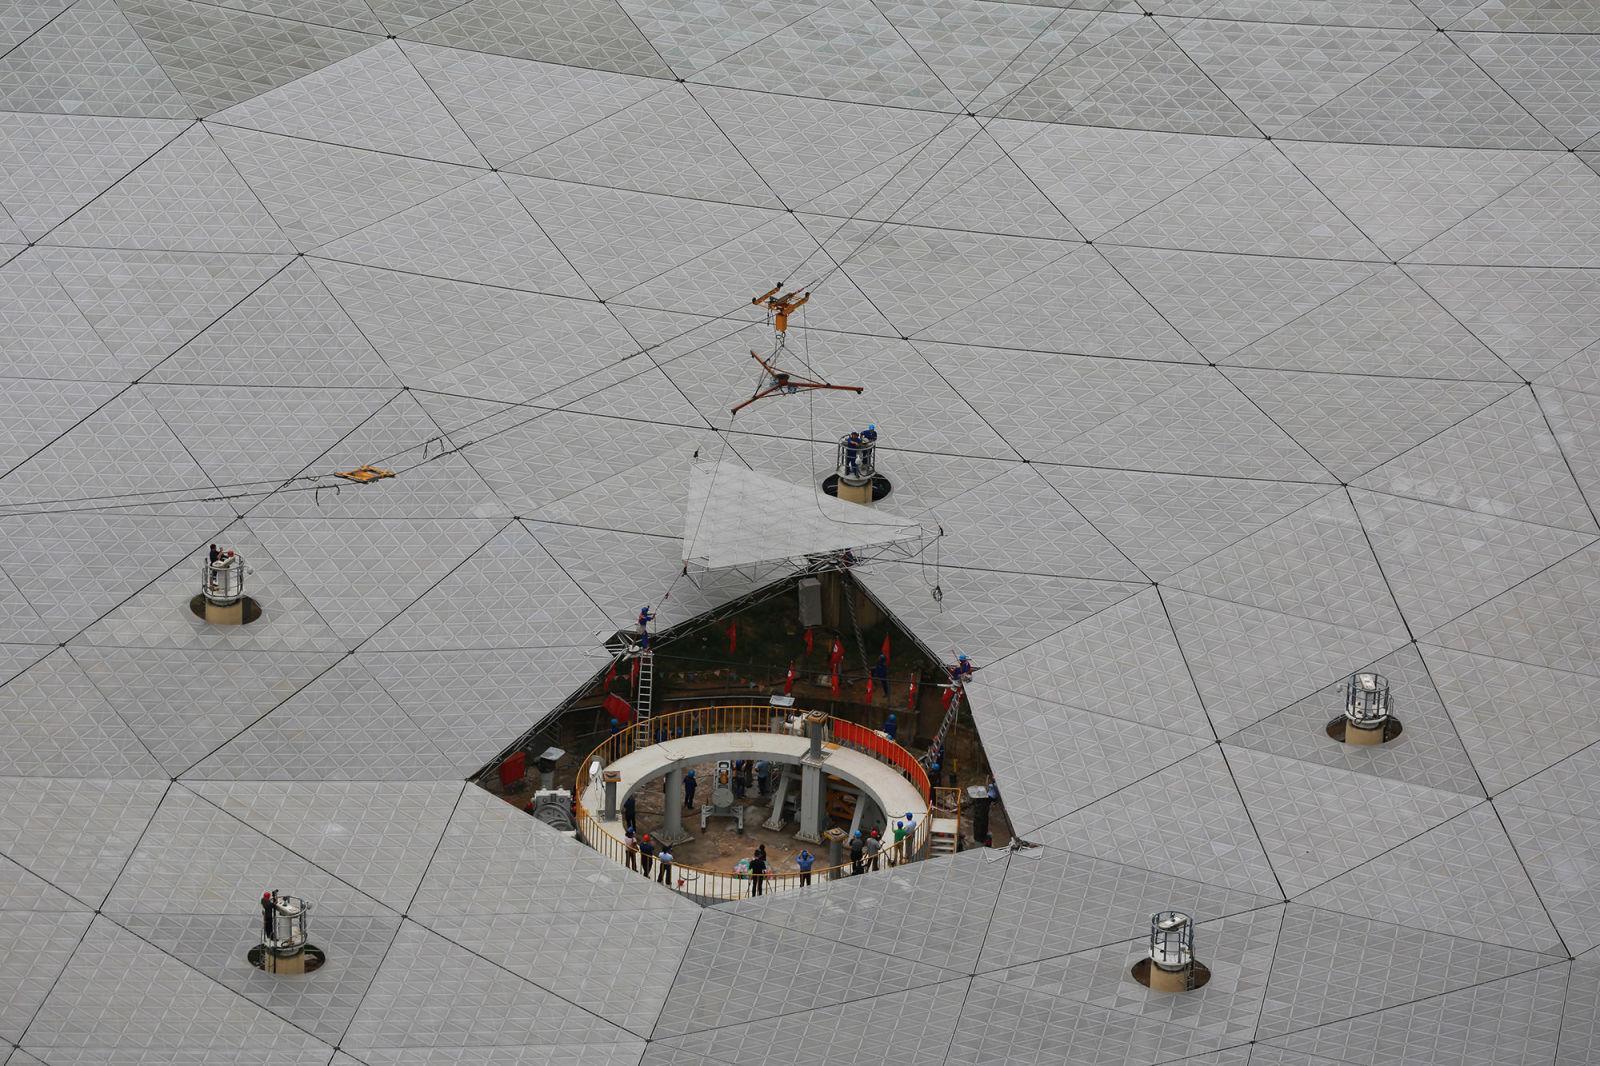 Nuotr. http://news.xinhuanet.com/